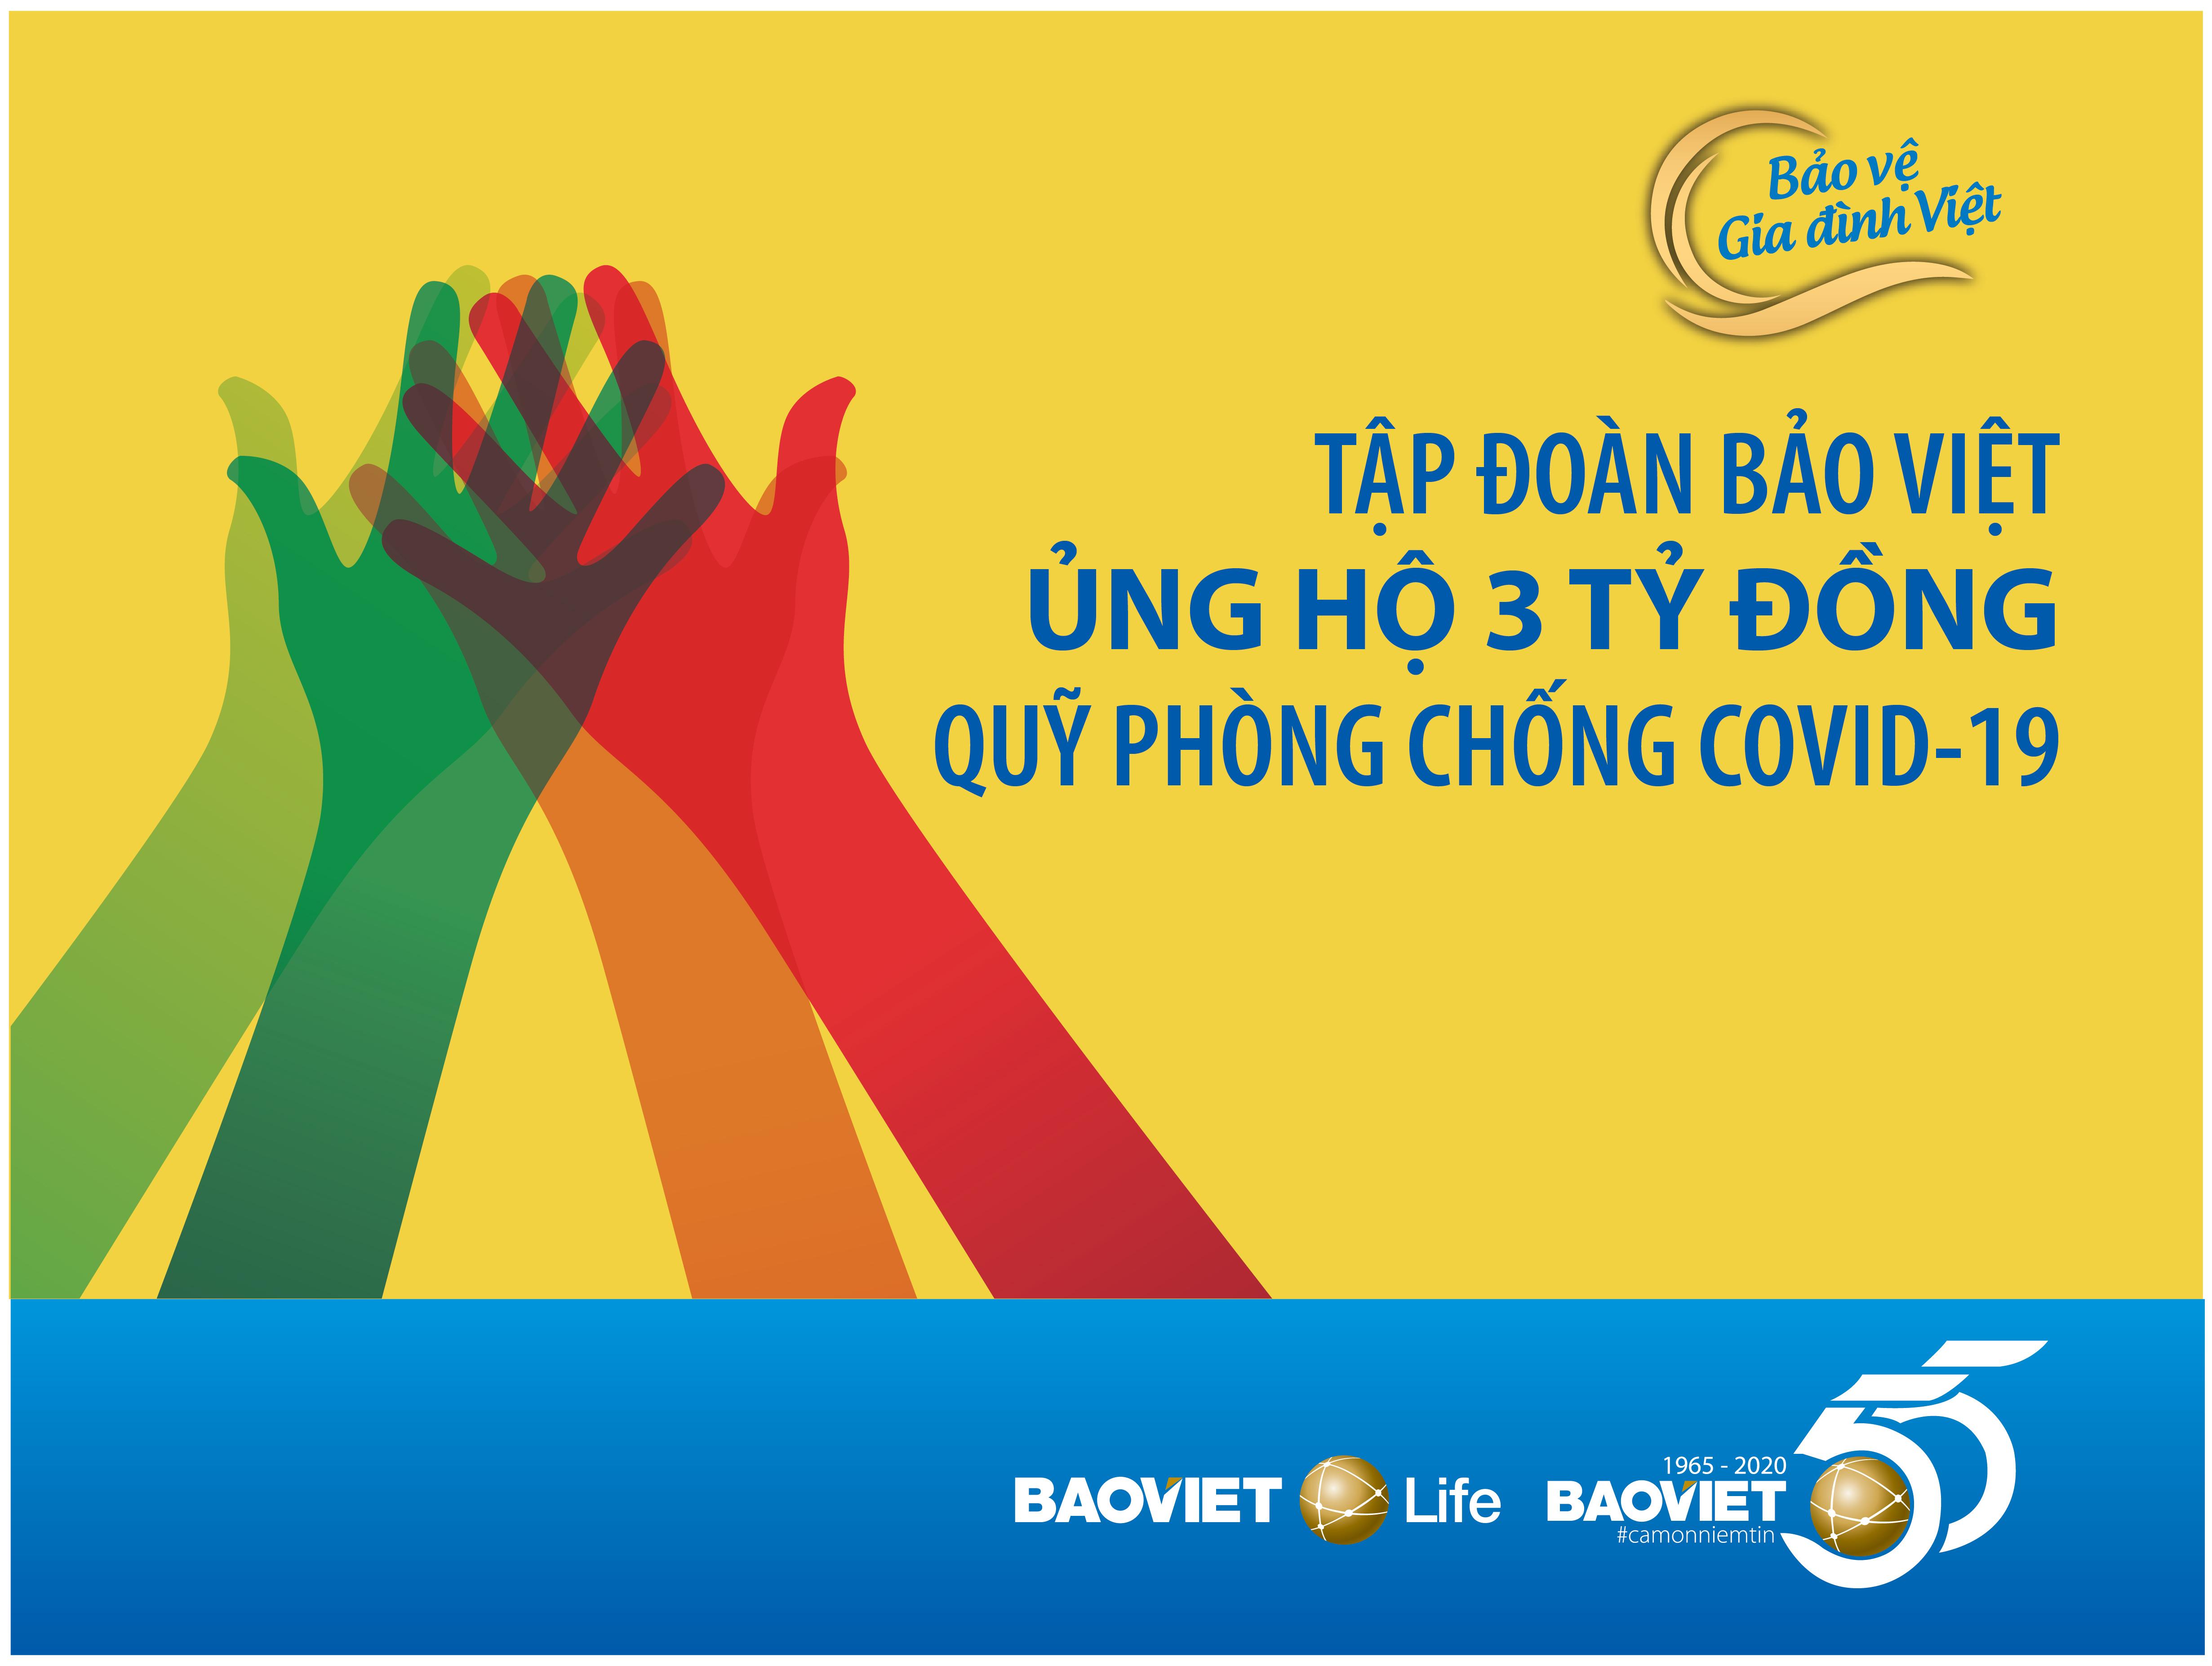 Bảo Việt ủng hộ 3 tỷ đồng cho Quỹ Phòng chống dịch Covid-19